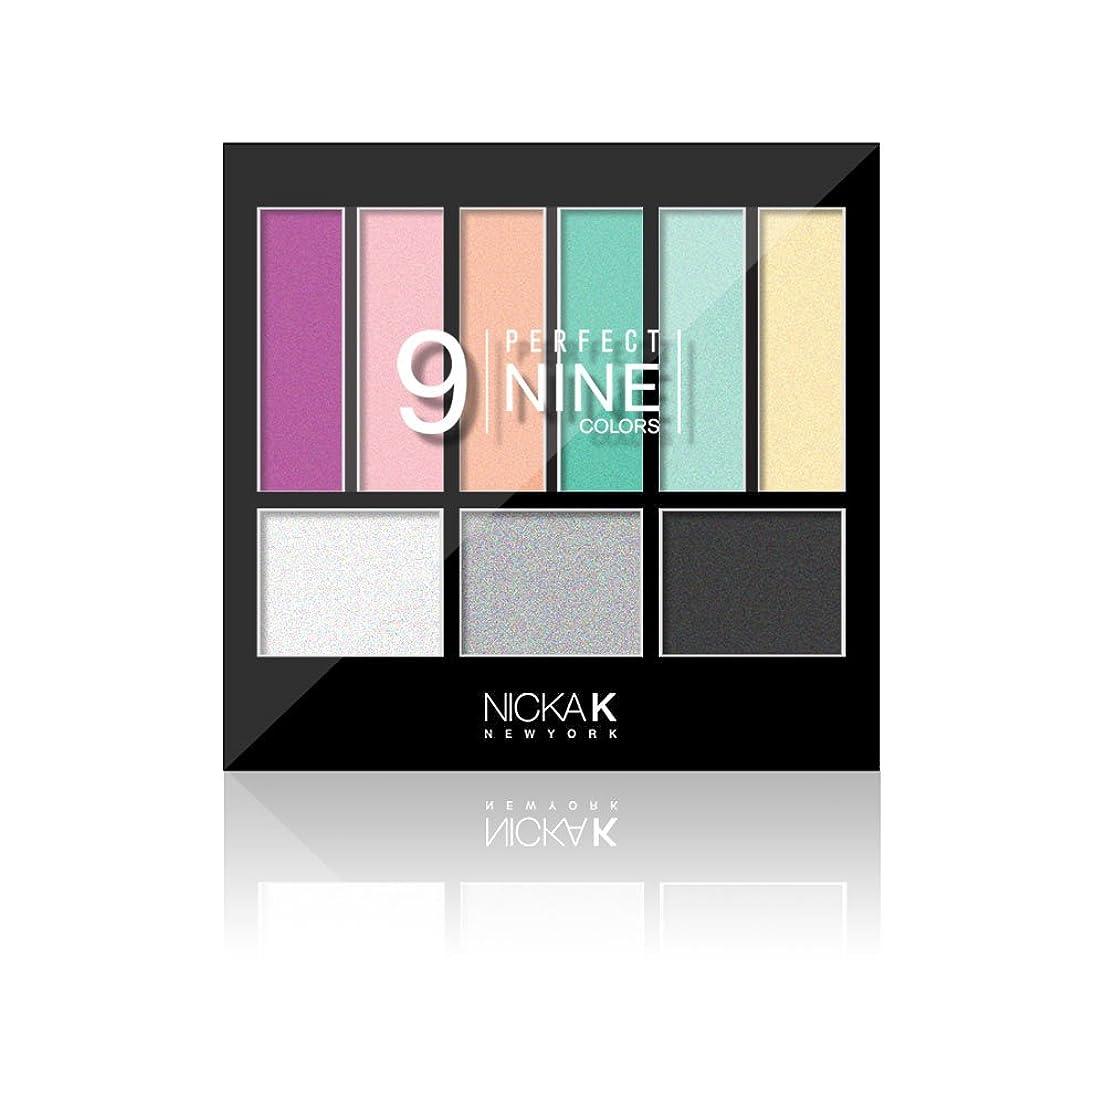 顕微鏡理解する混乱NICKA K Perfect 9 Eyeshadow Colors - AP019 (並行輸入品)